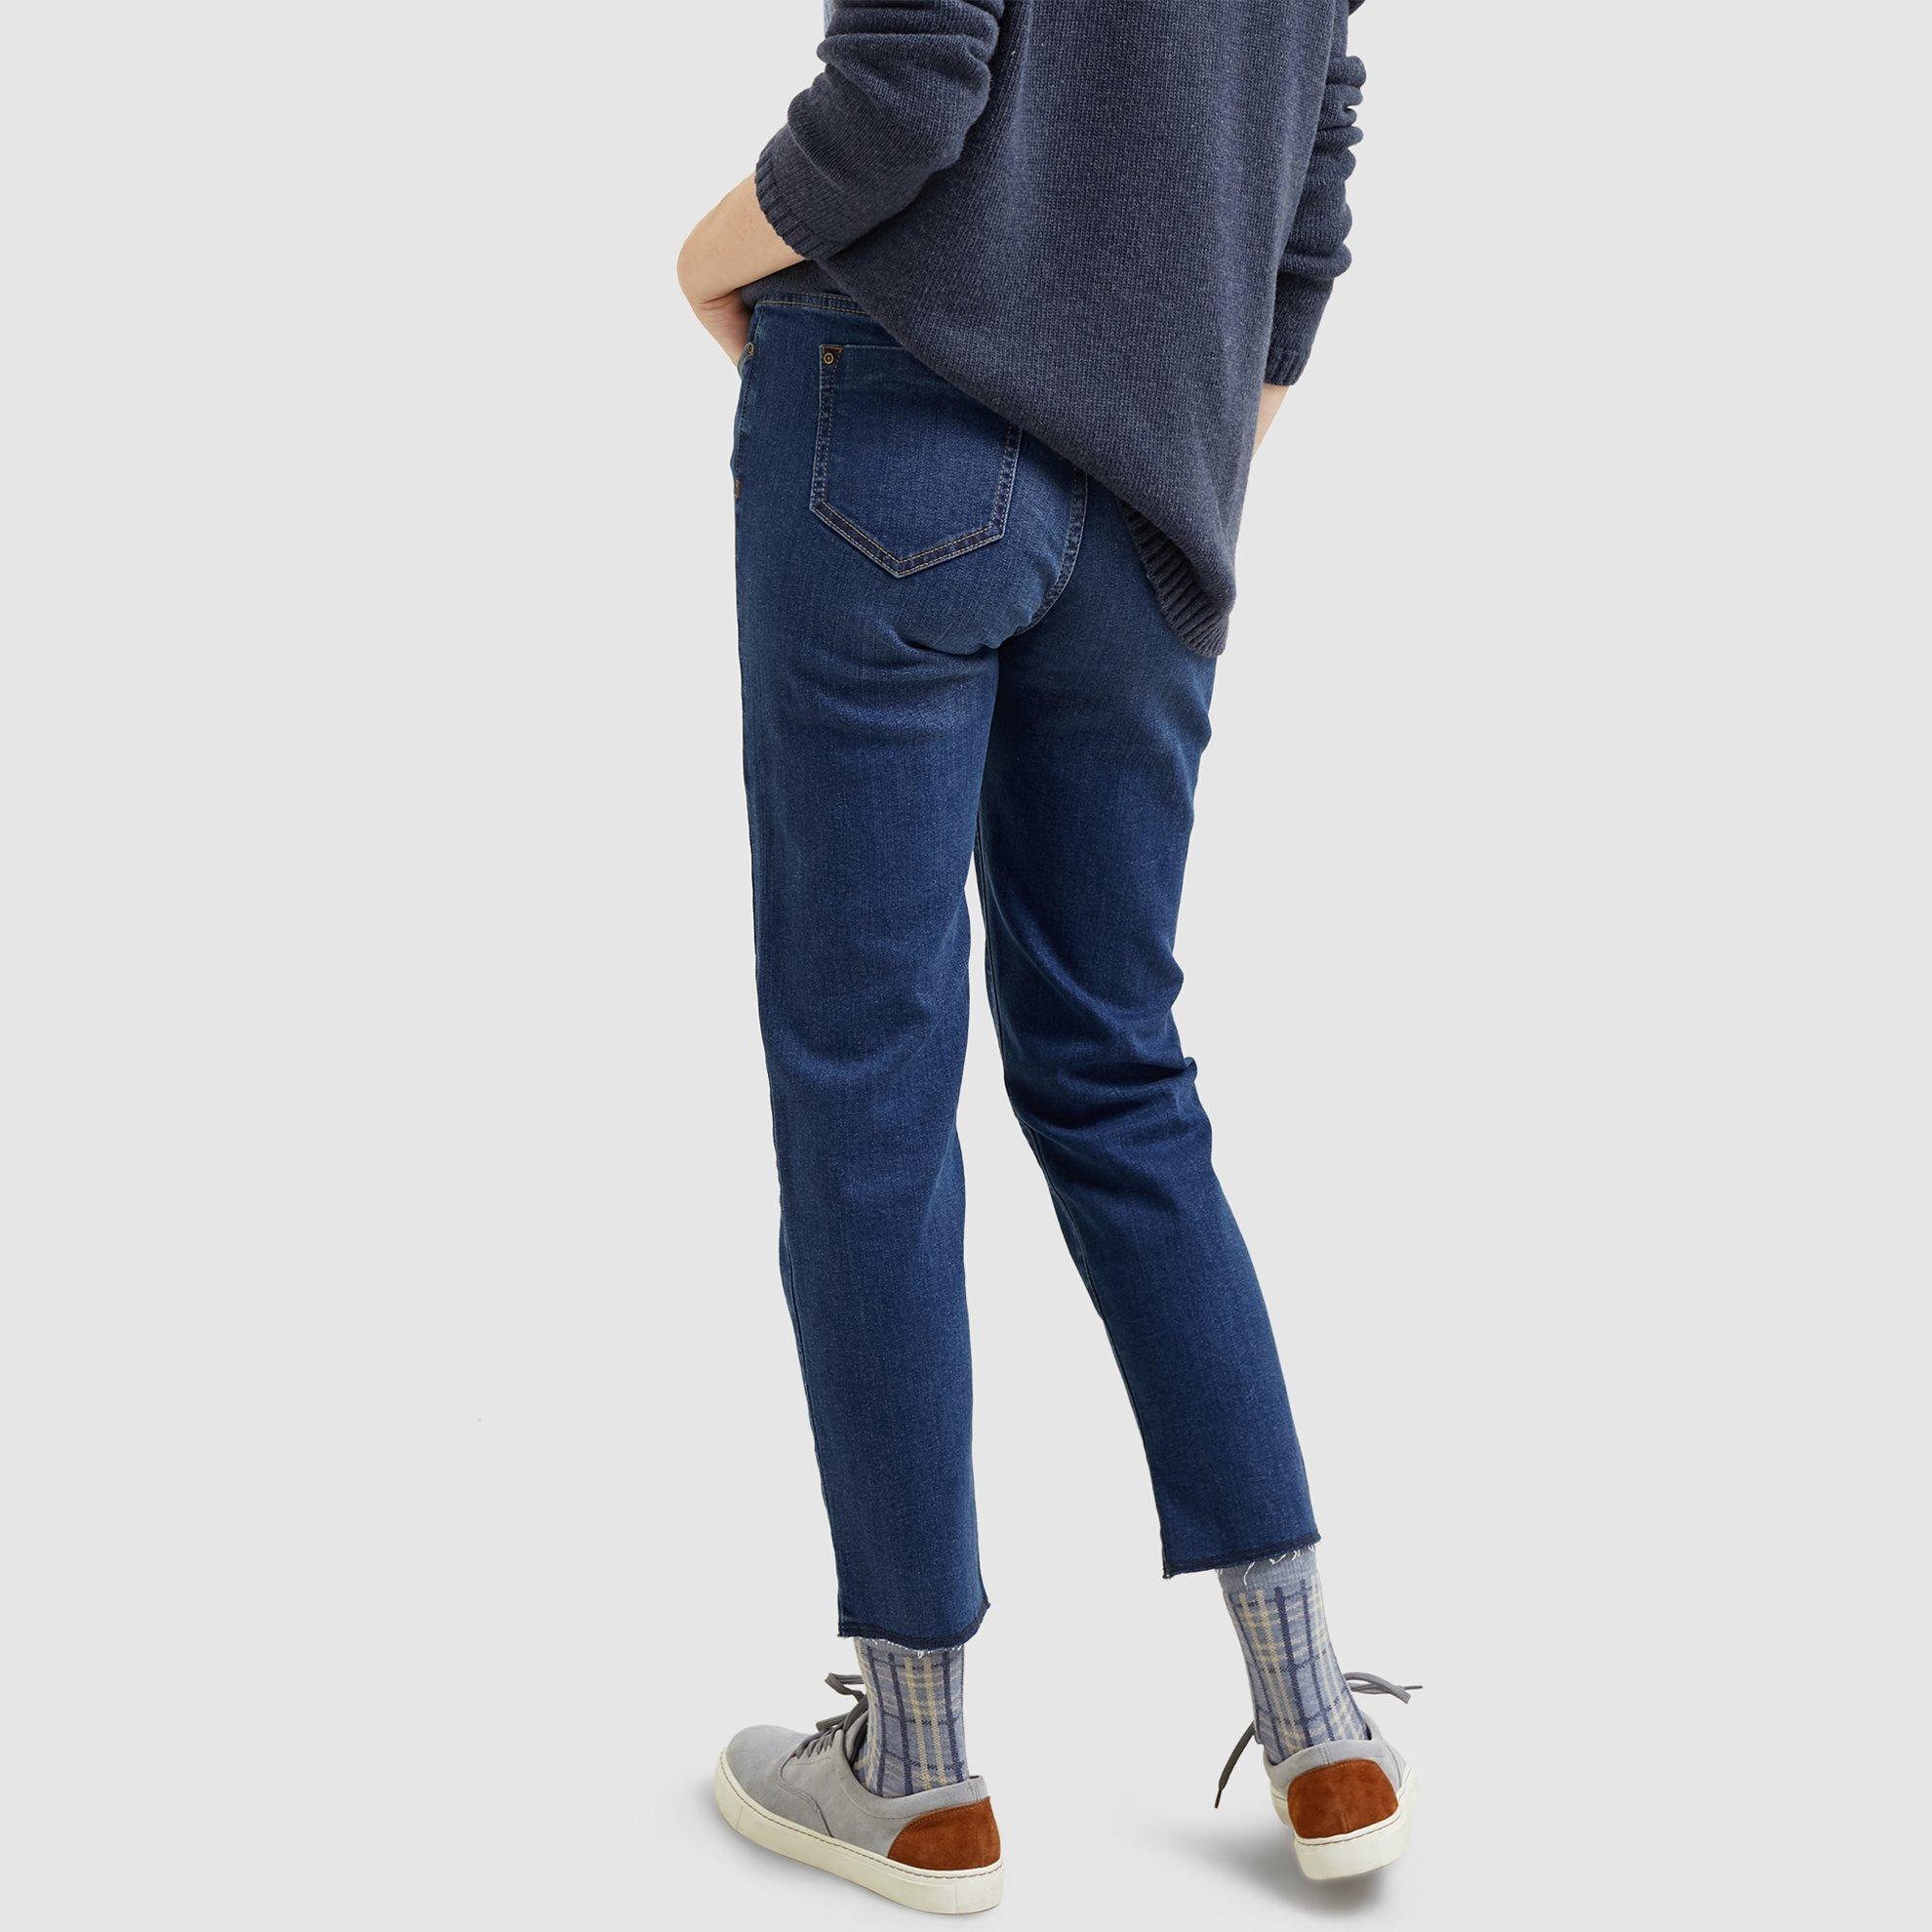 5 Cep Boru Paça Pantolon